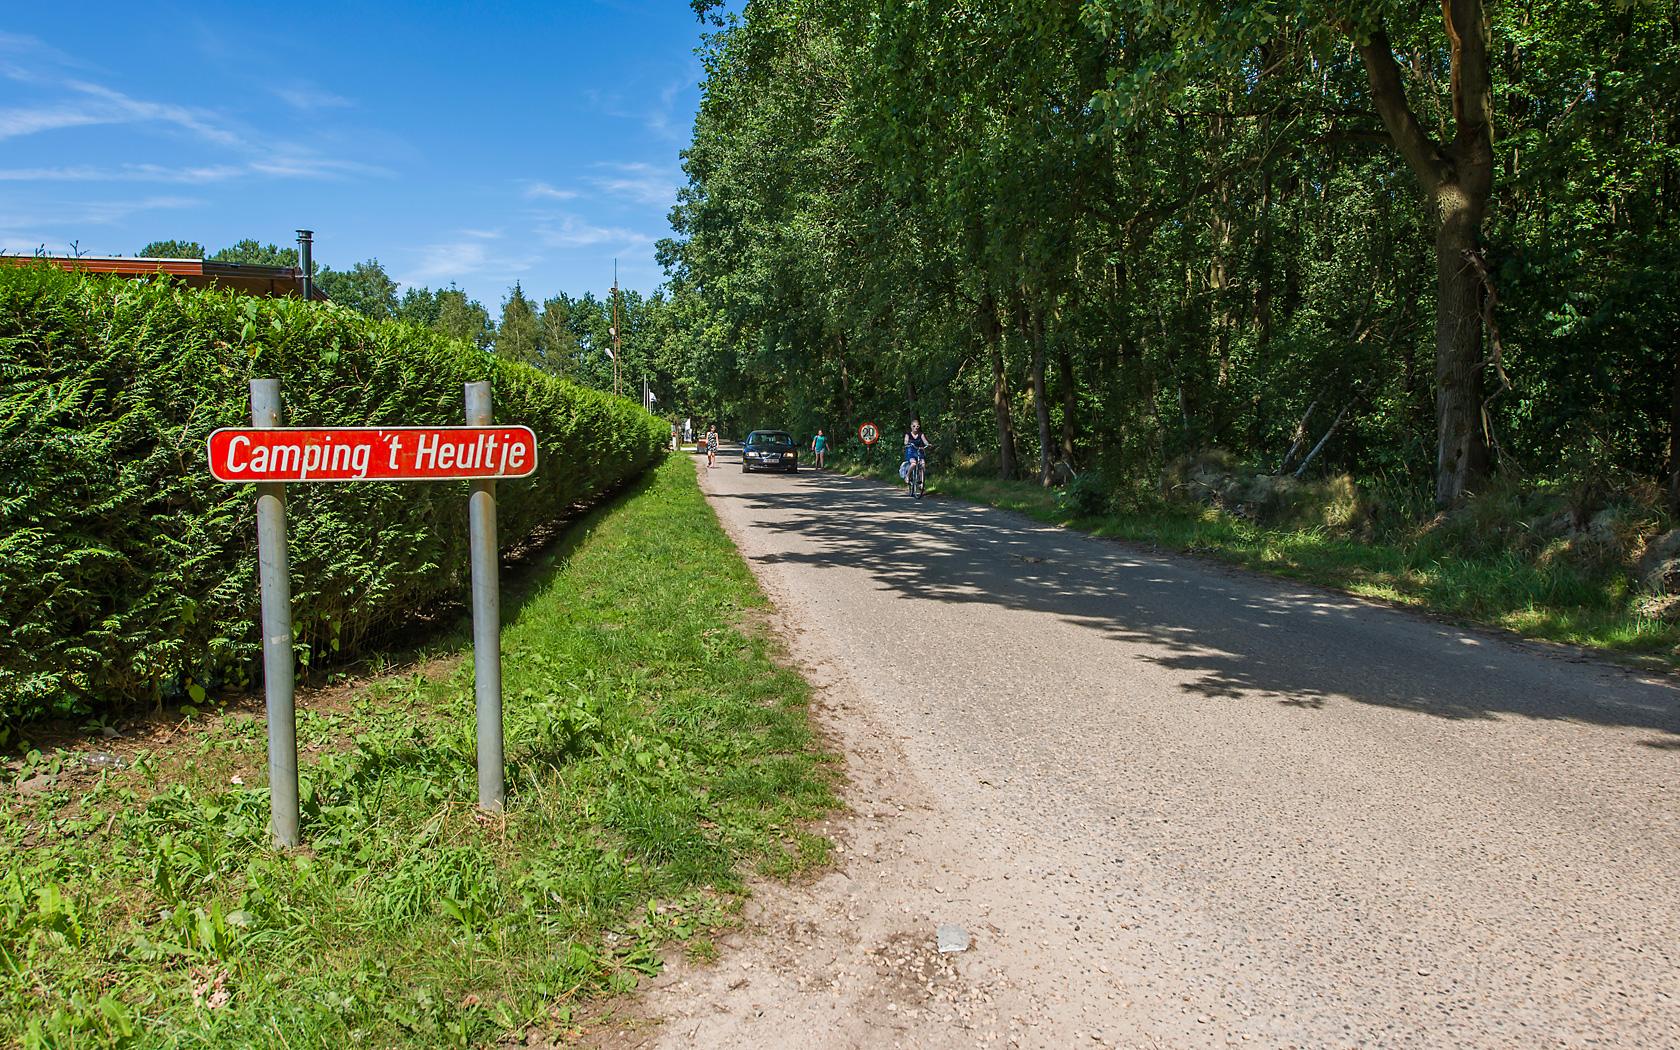 Camping-Heultje-in-Westerlo_DSC4004_20150803